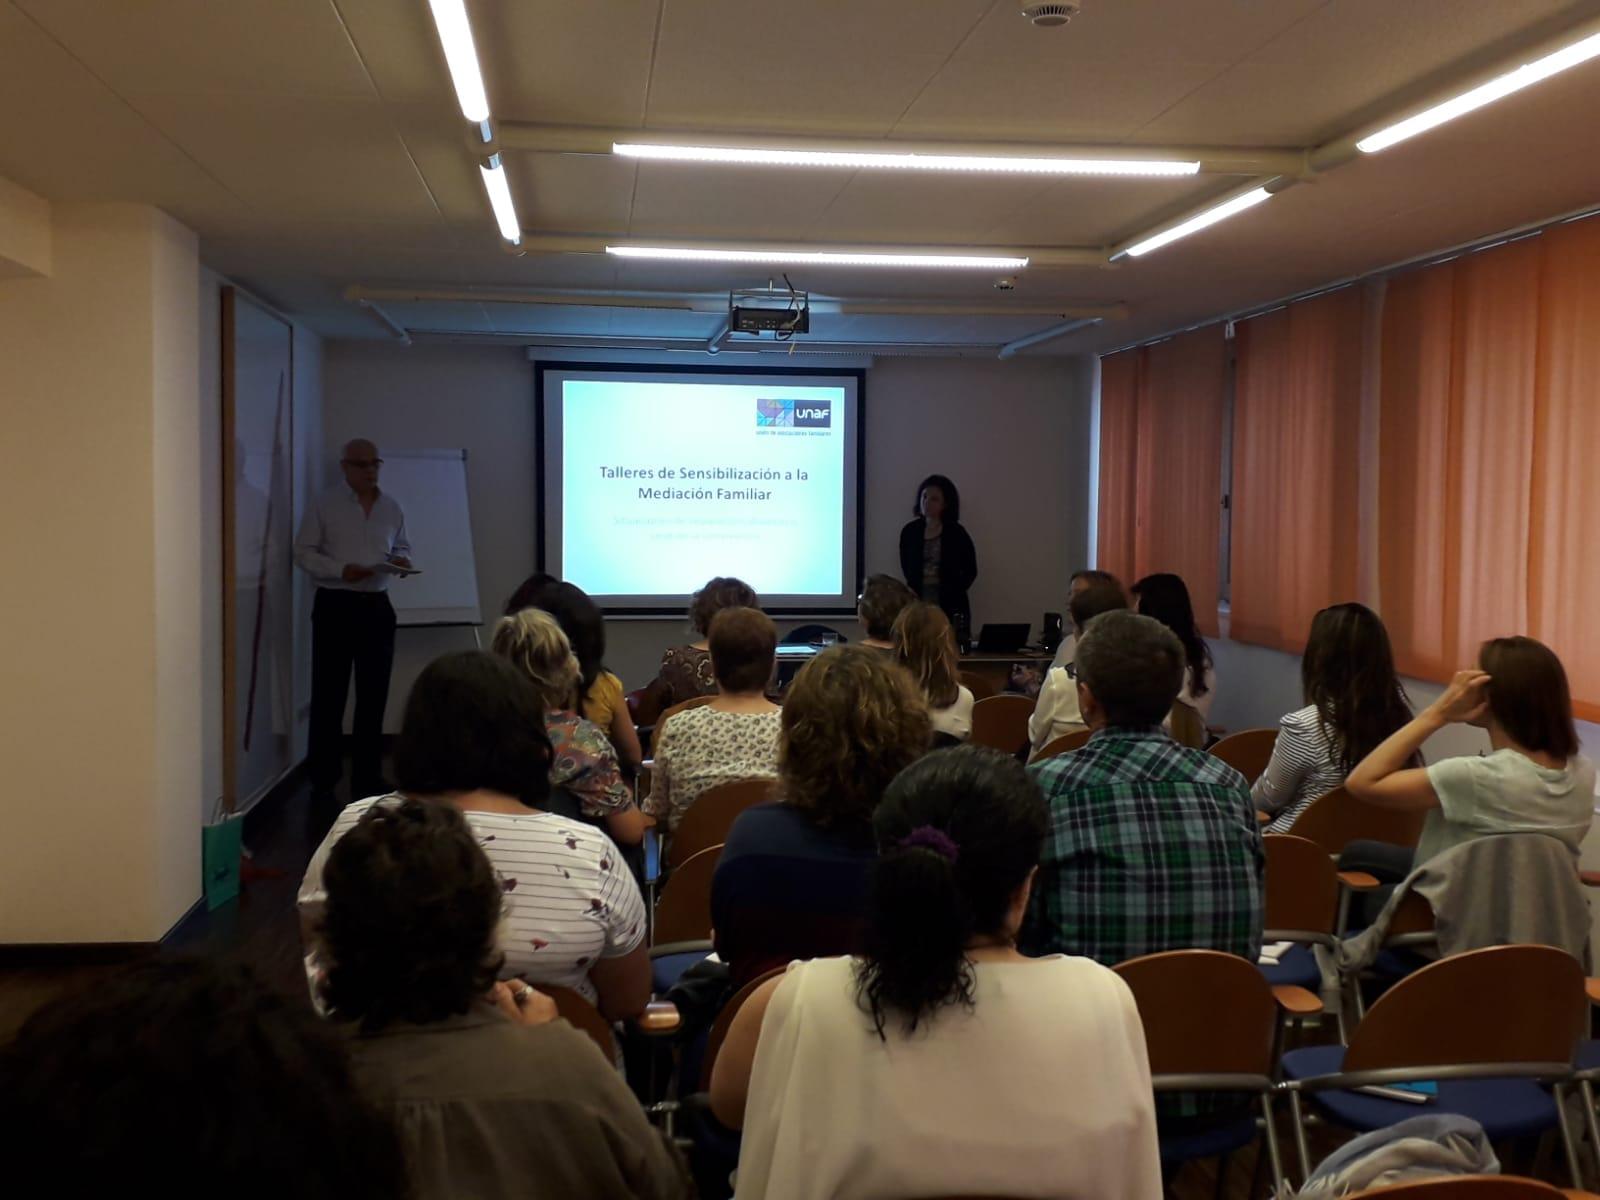 UNAF celebra un taller de sensibilización a la mediación familiar en Santander